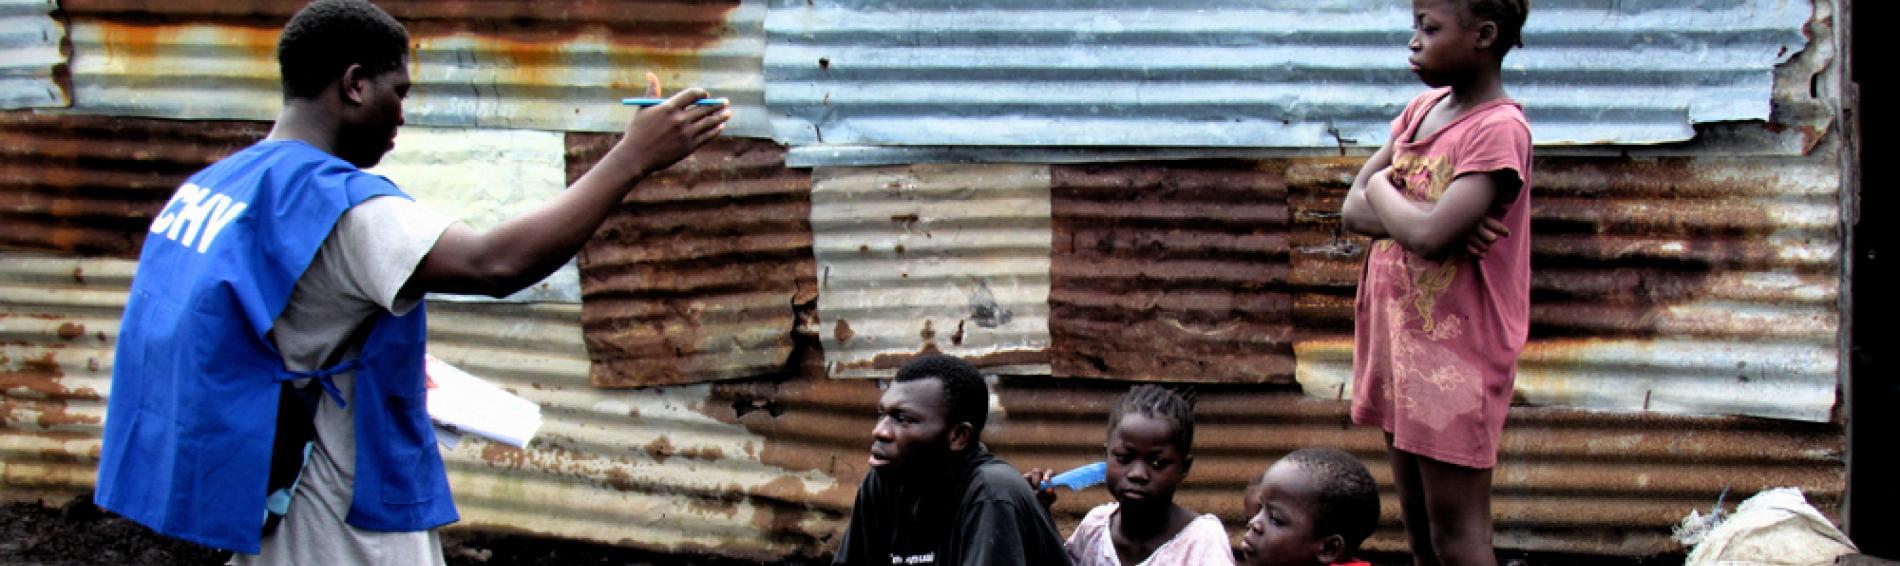 Ehrenamtliche informieren die Bevölkerung, wie man sich vor einer Ebola-Infektion schützen kann. Foto: DR